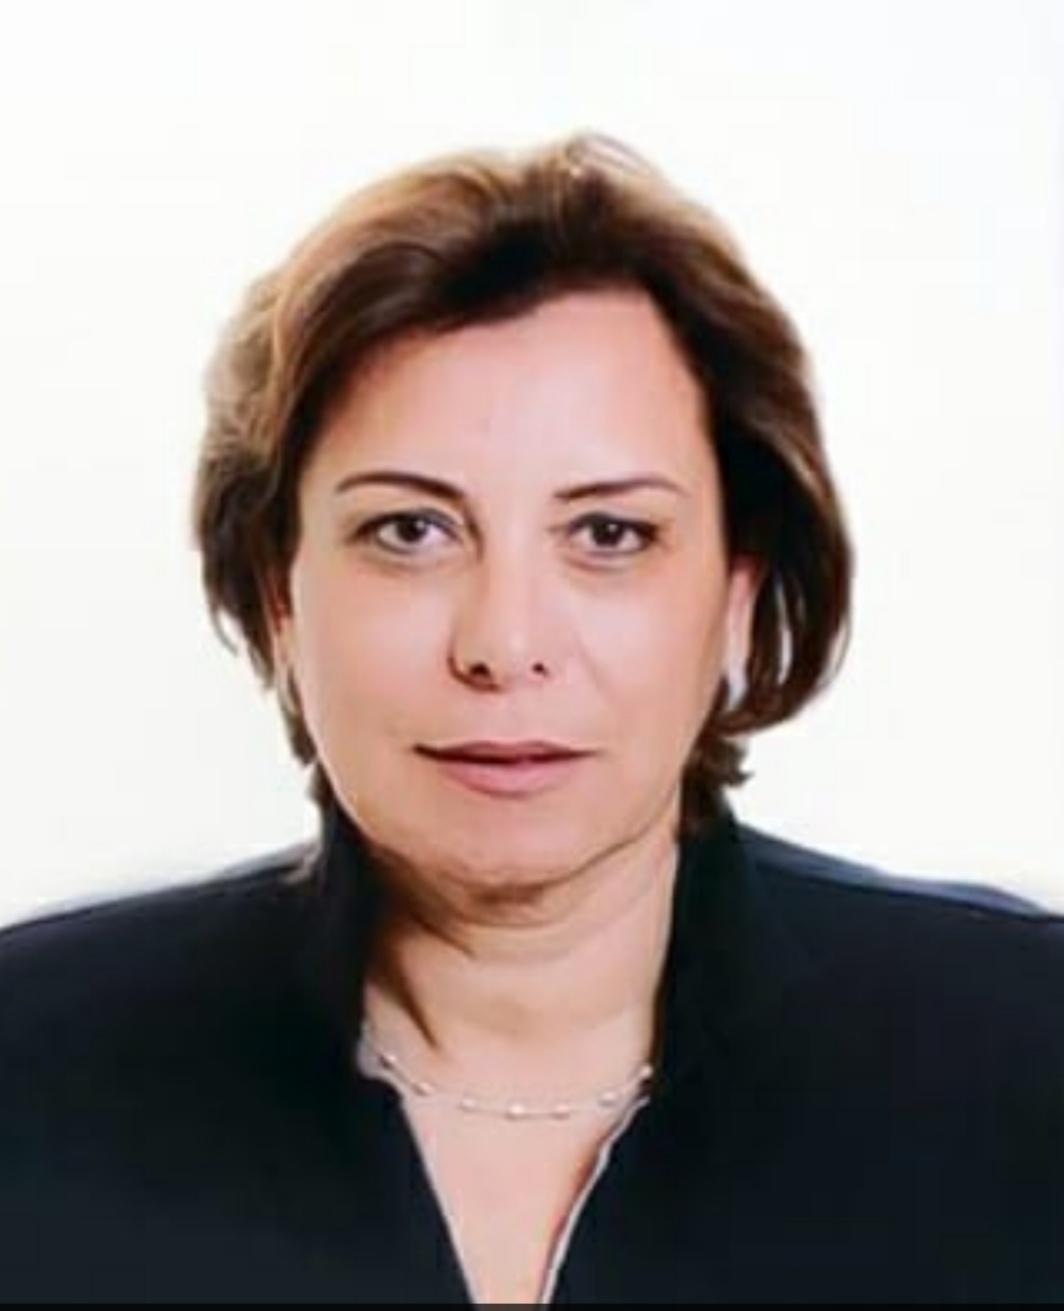 تعيين السيدة / مريم وحيد فريد مساعدة لرئيس مجلس ادارة الهيئة القومية للبريد للموارد البشرية